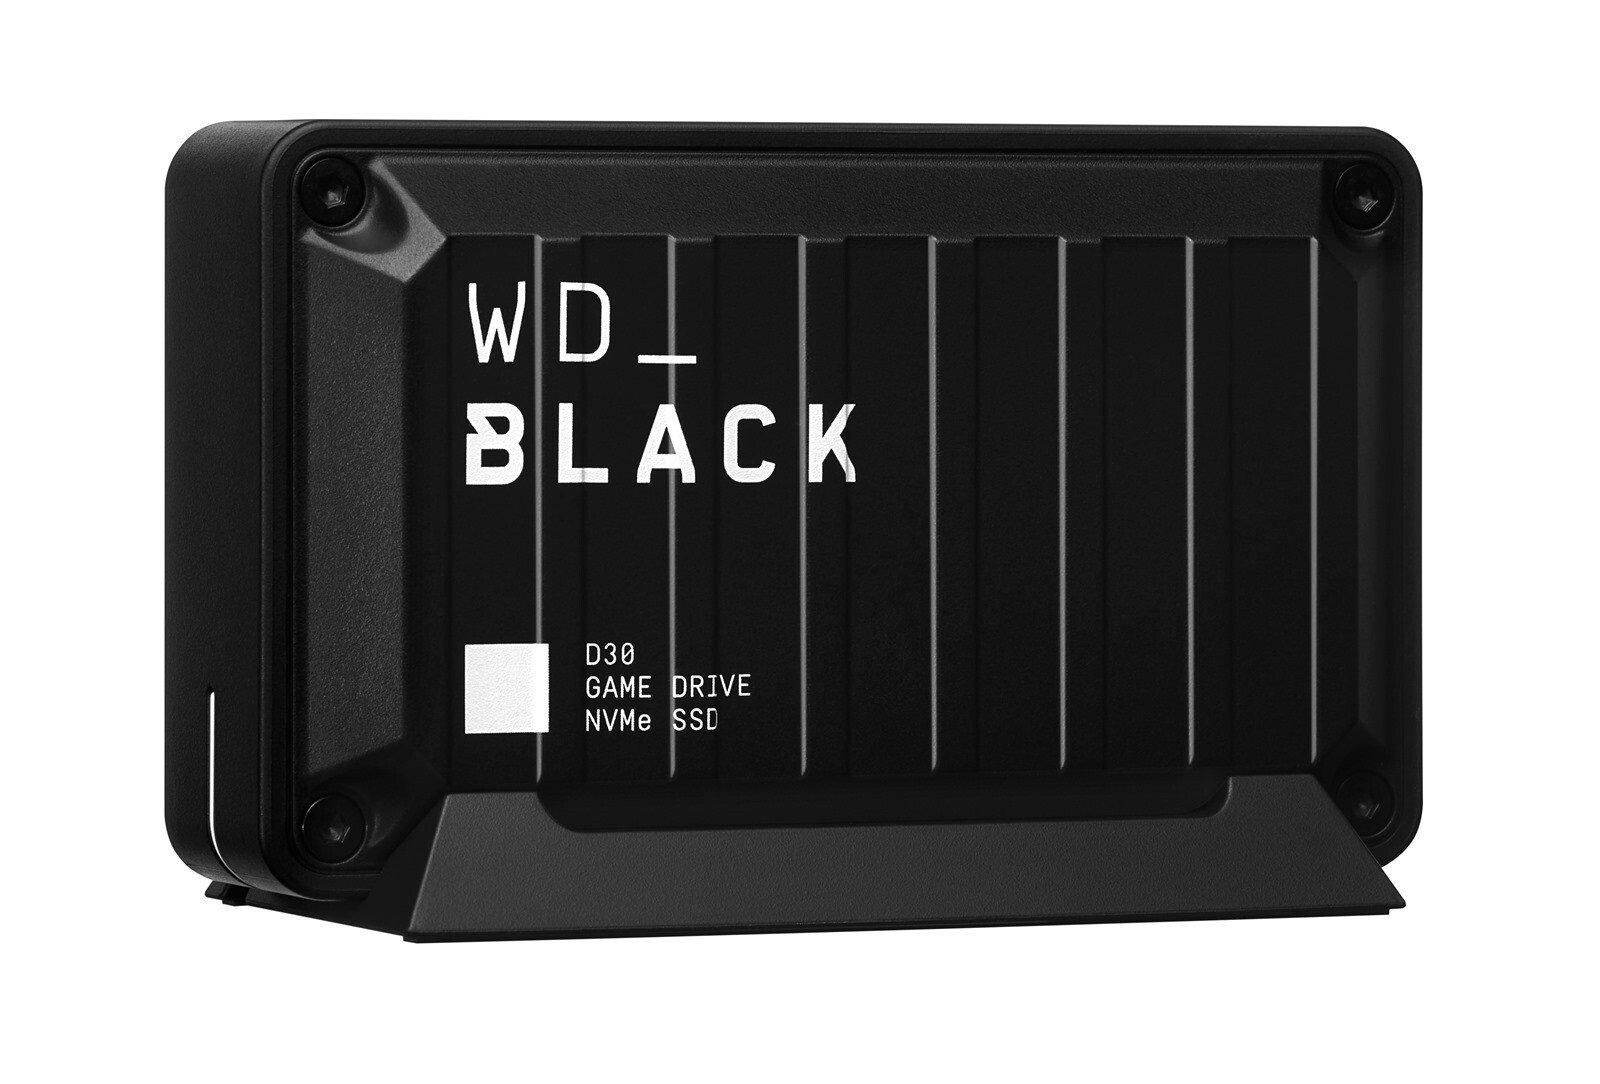 【新聞圖片三】WD_BLACK-D30-Game-Drive-SSD-專為次世代遊戲主機如-PlayStation-5-所設計,提供想大幅縮短遊戲載入時間,快速進入遊戲的玩家高達-900MBs-的讀取速度。_thumb.jpg @3C 達人廖阿輝